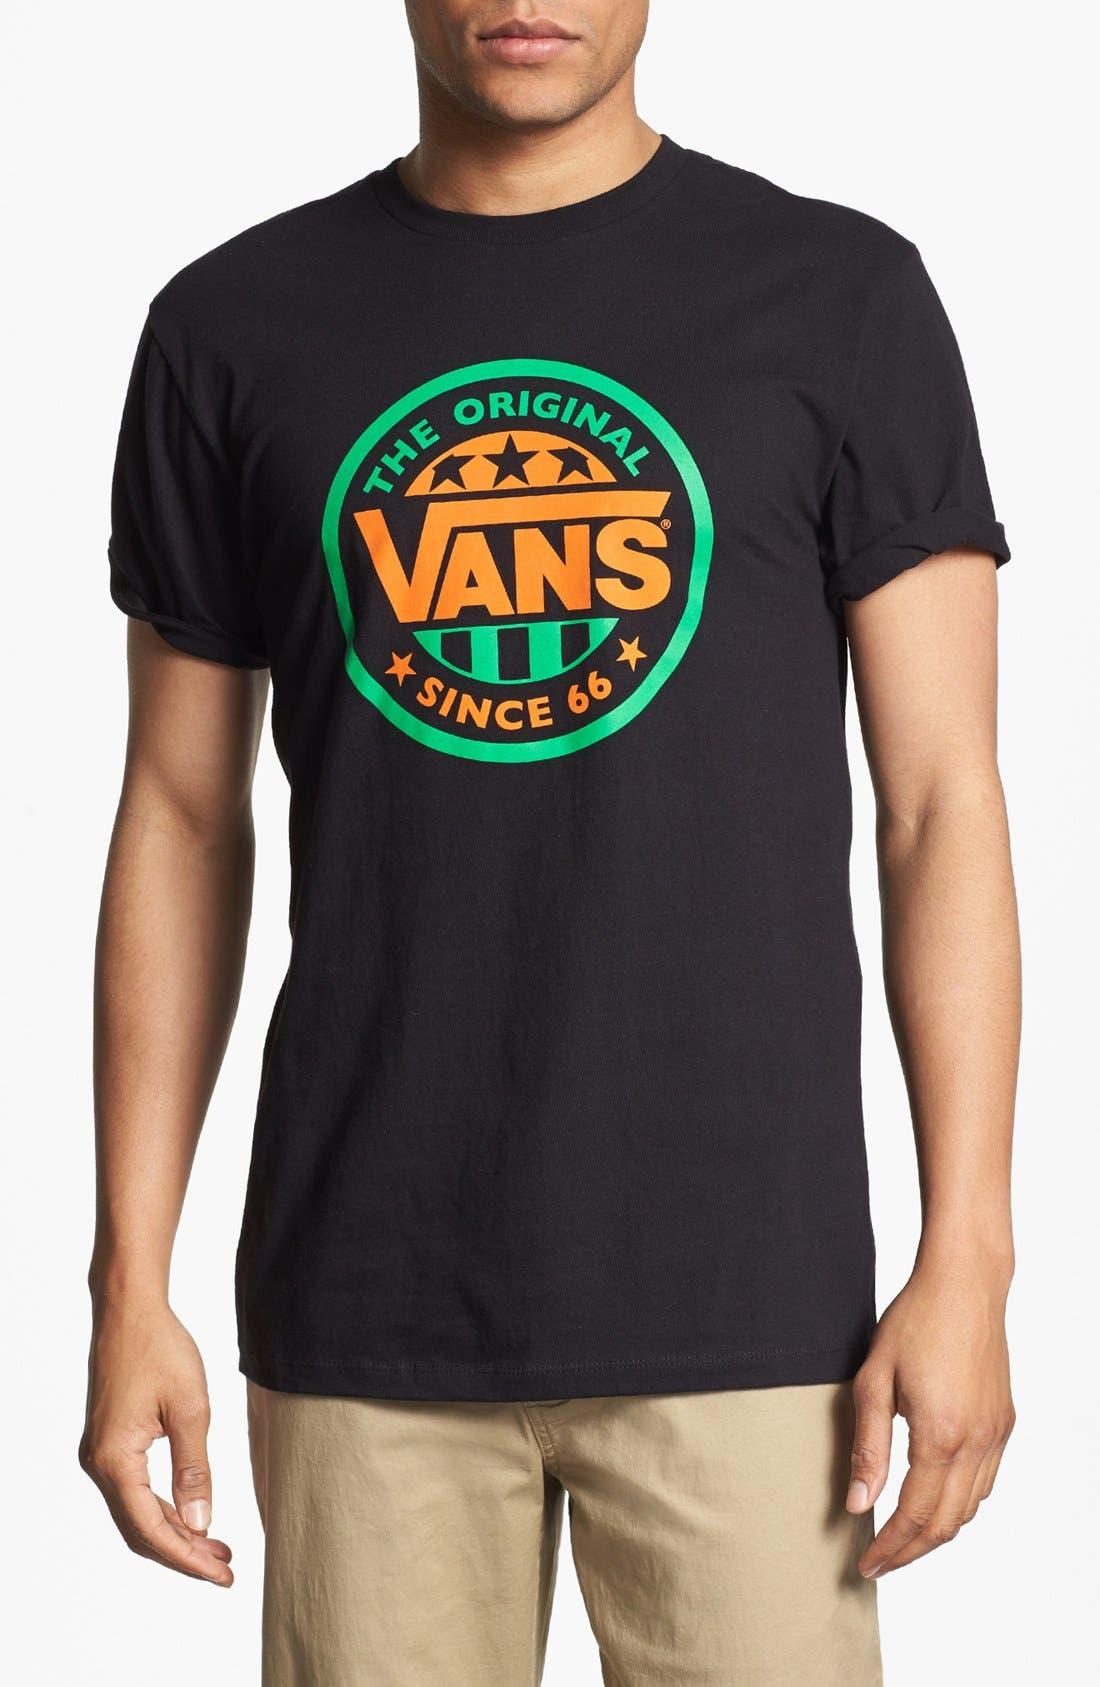 Alternate Image 1 Selected - Vans 'Original' Graphic T-Shirt